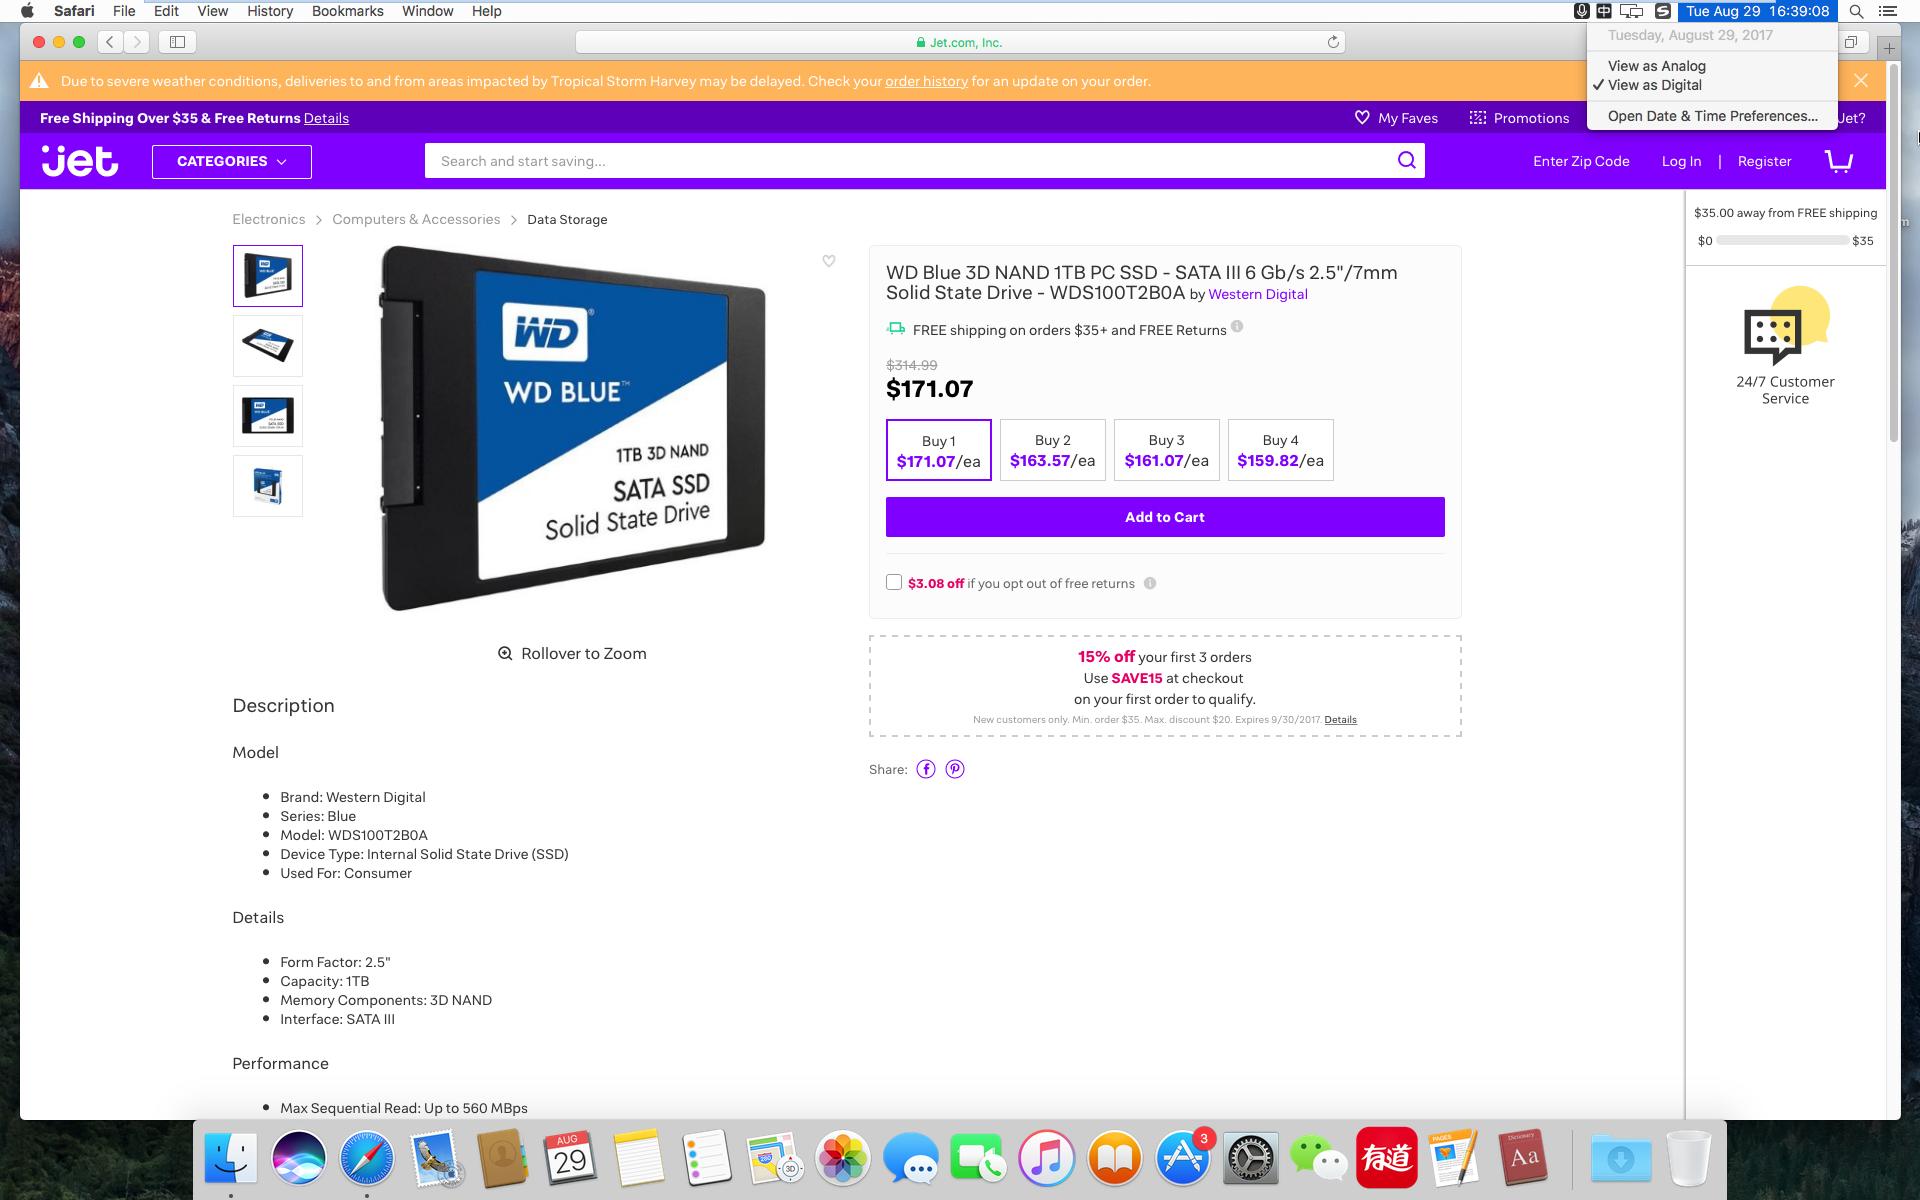 WD Blue 3D NAND 1TB PC SSD WDS100T2B0A $171.07